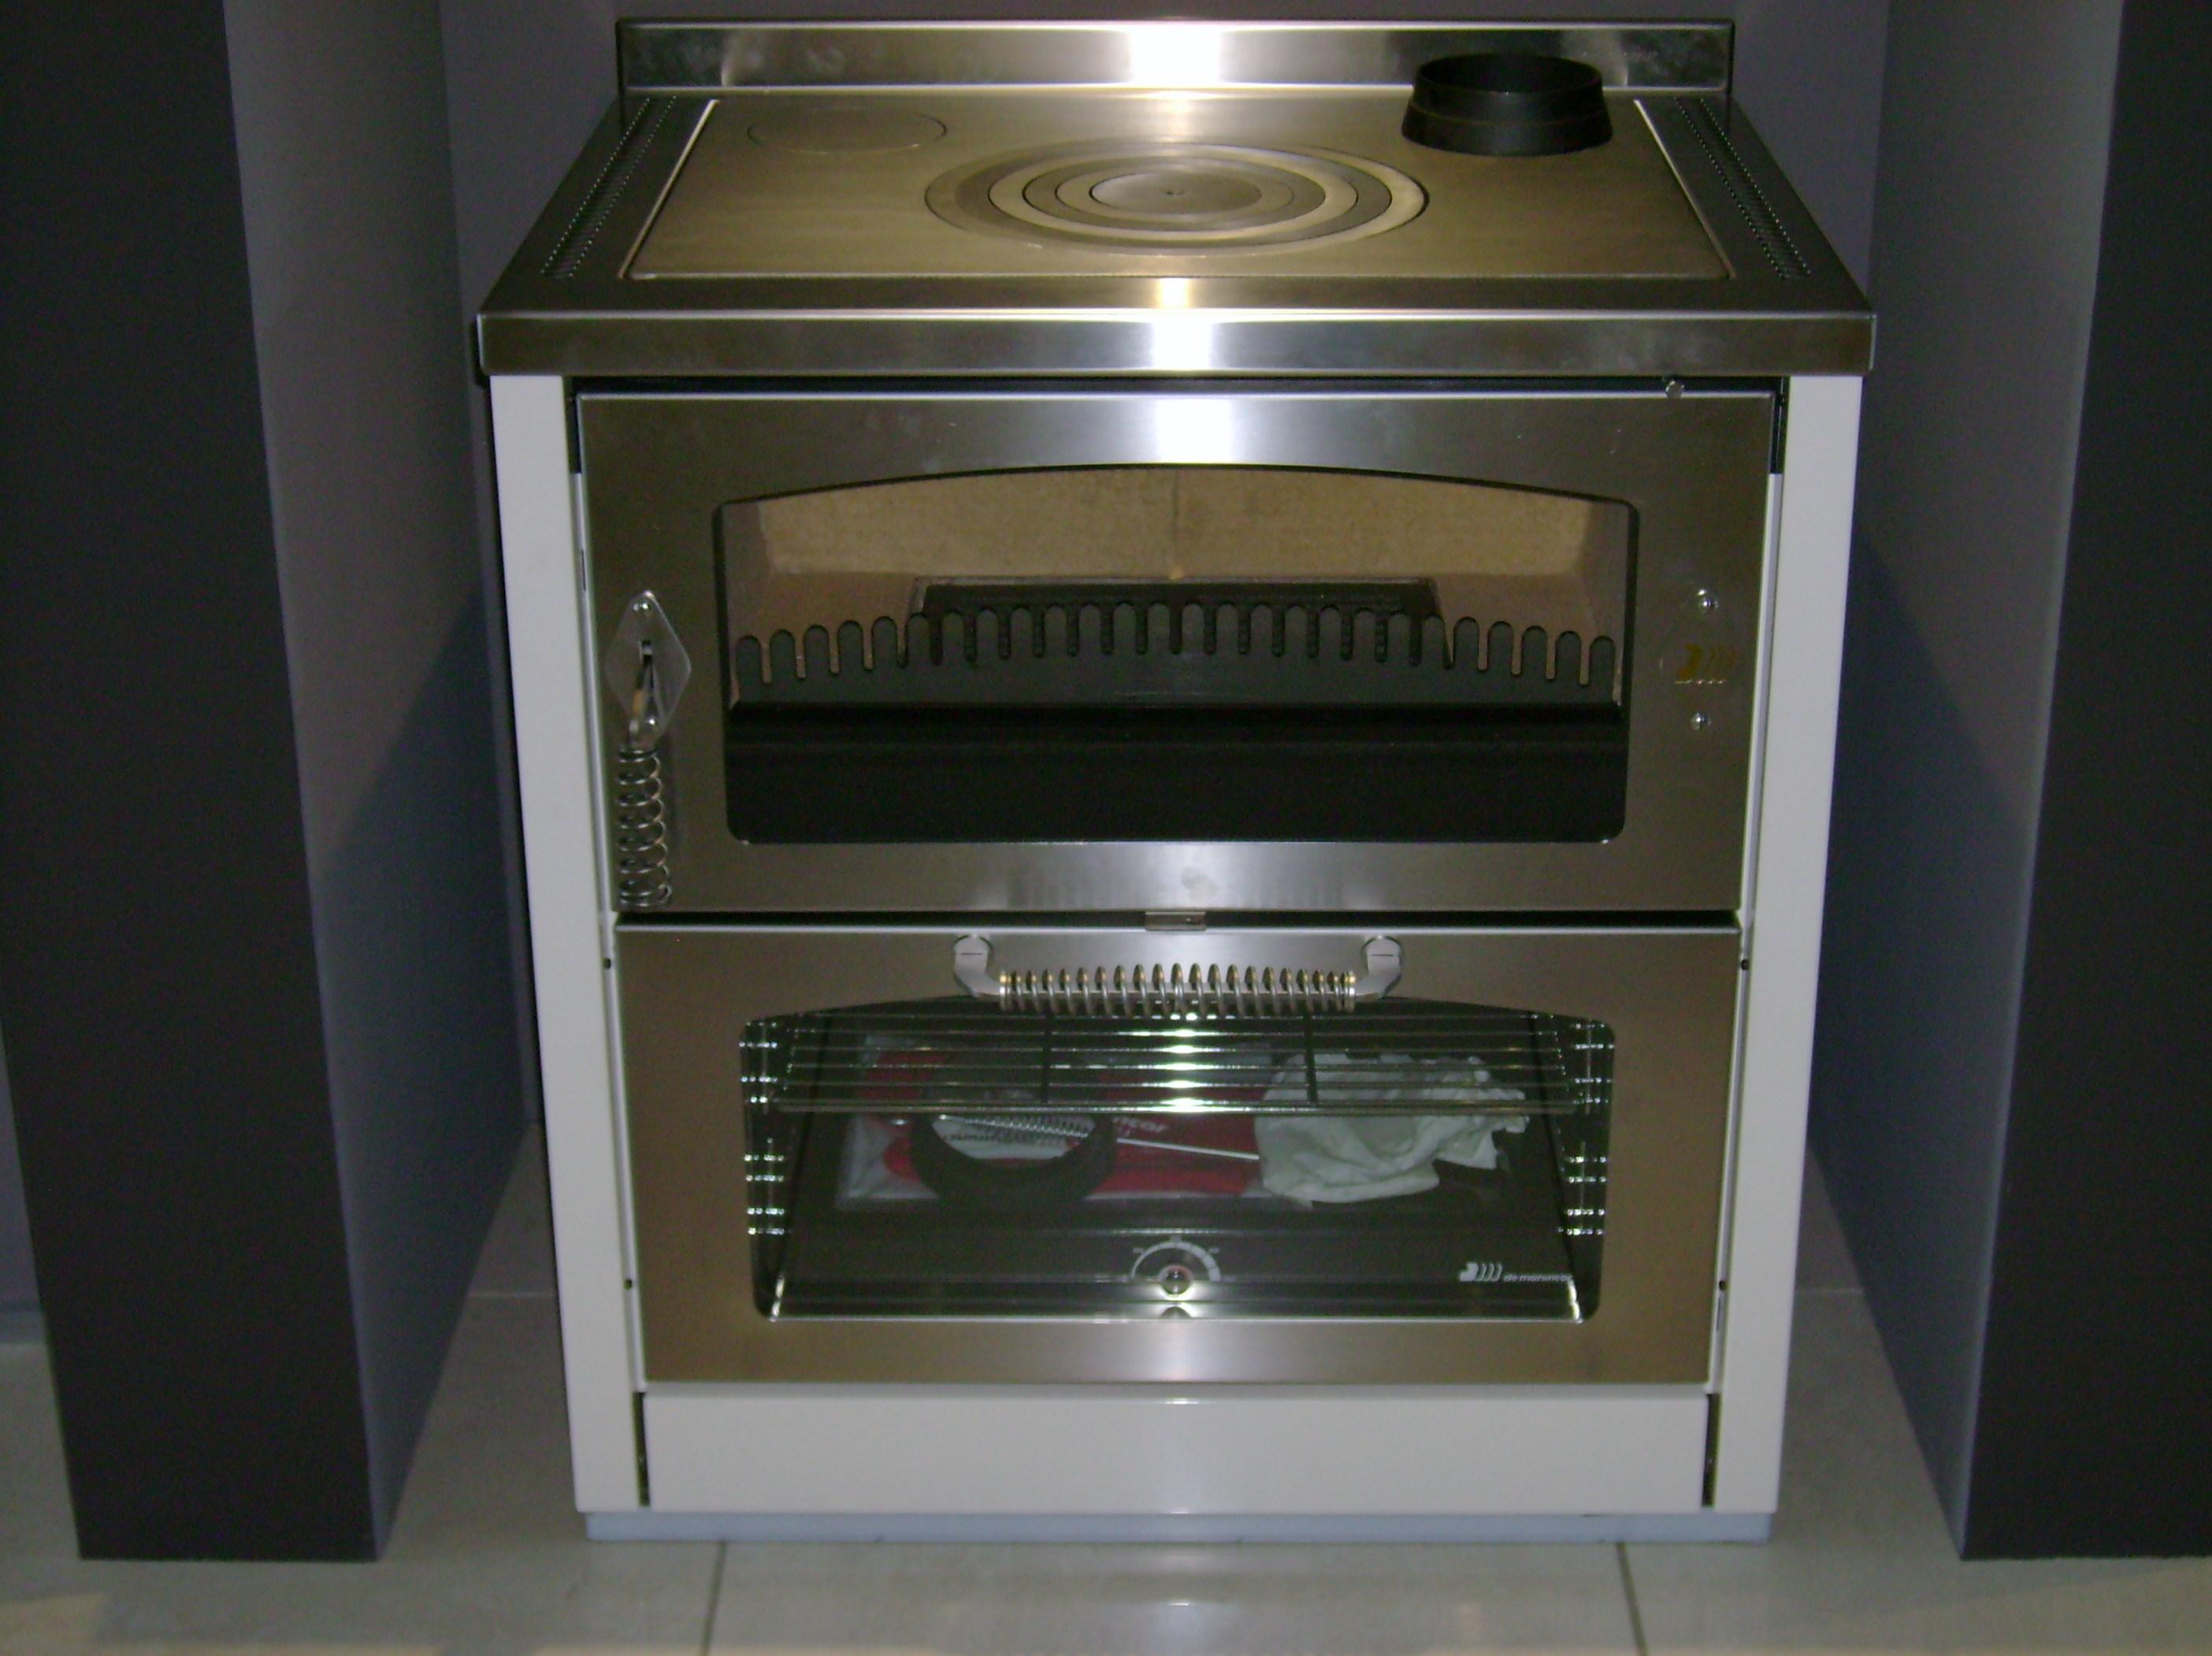 Cucina a legna De Manincor Domino 8 Maxi prezzo ...